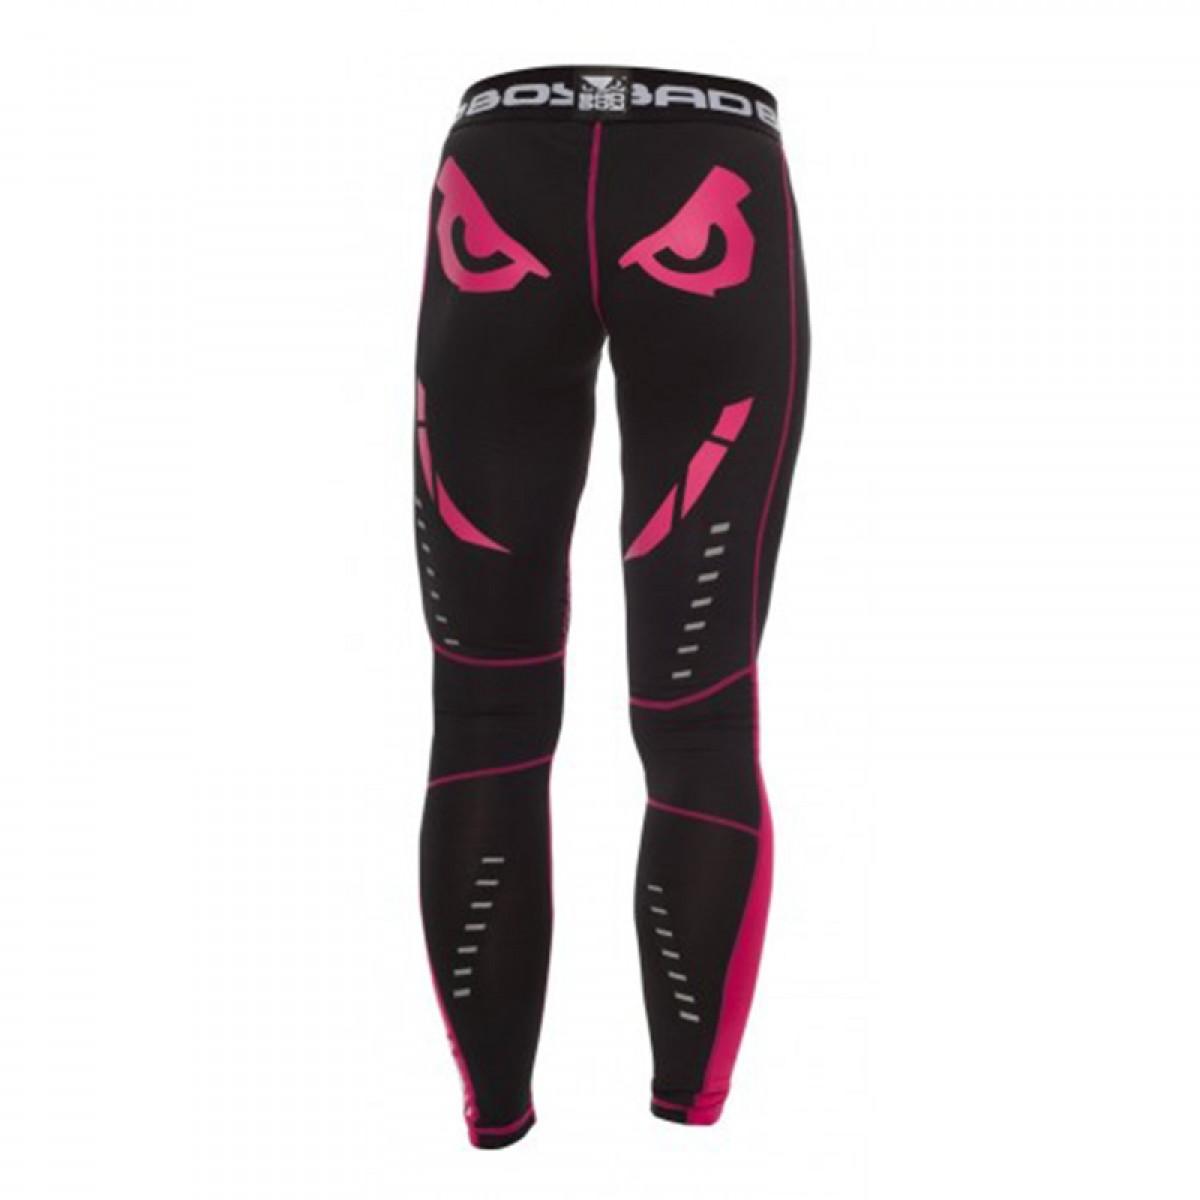 Компрессионная Одежда Для Тренировок Женская Купить